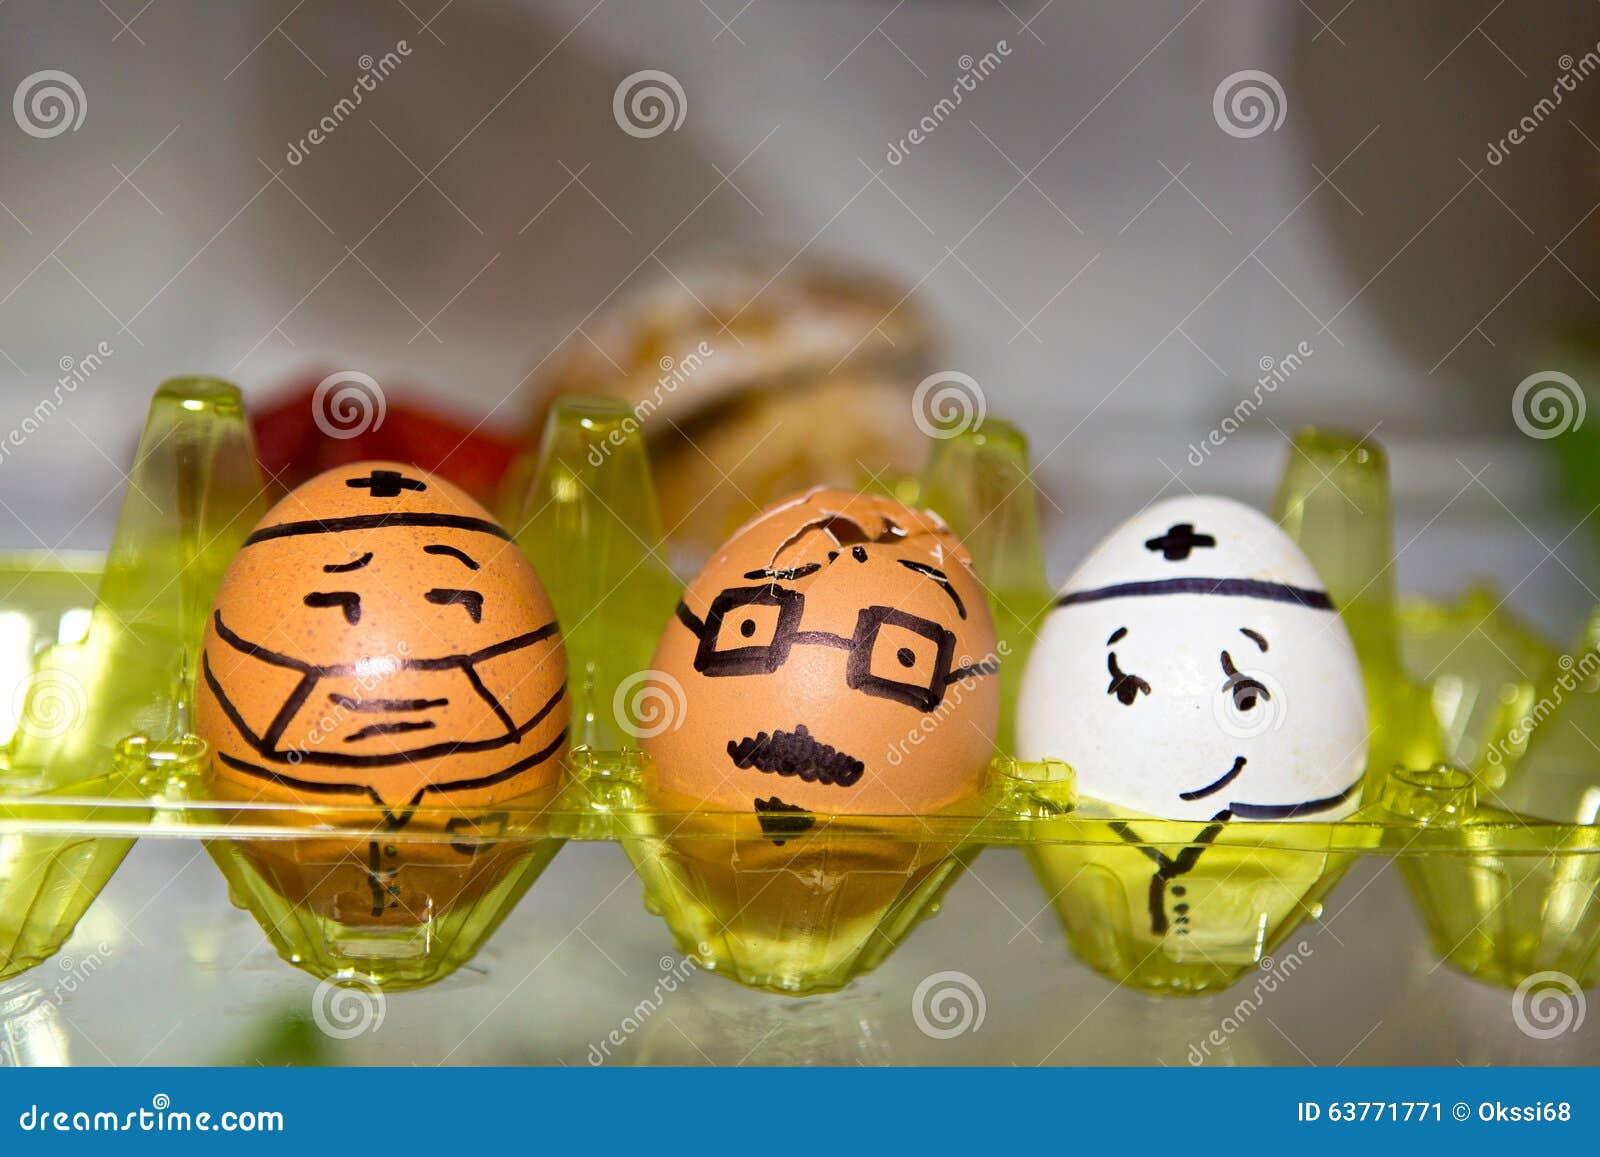 Kühlschrank Ei : Gemalte eier im kühlschrank stock abbildung illustration von